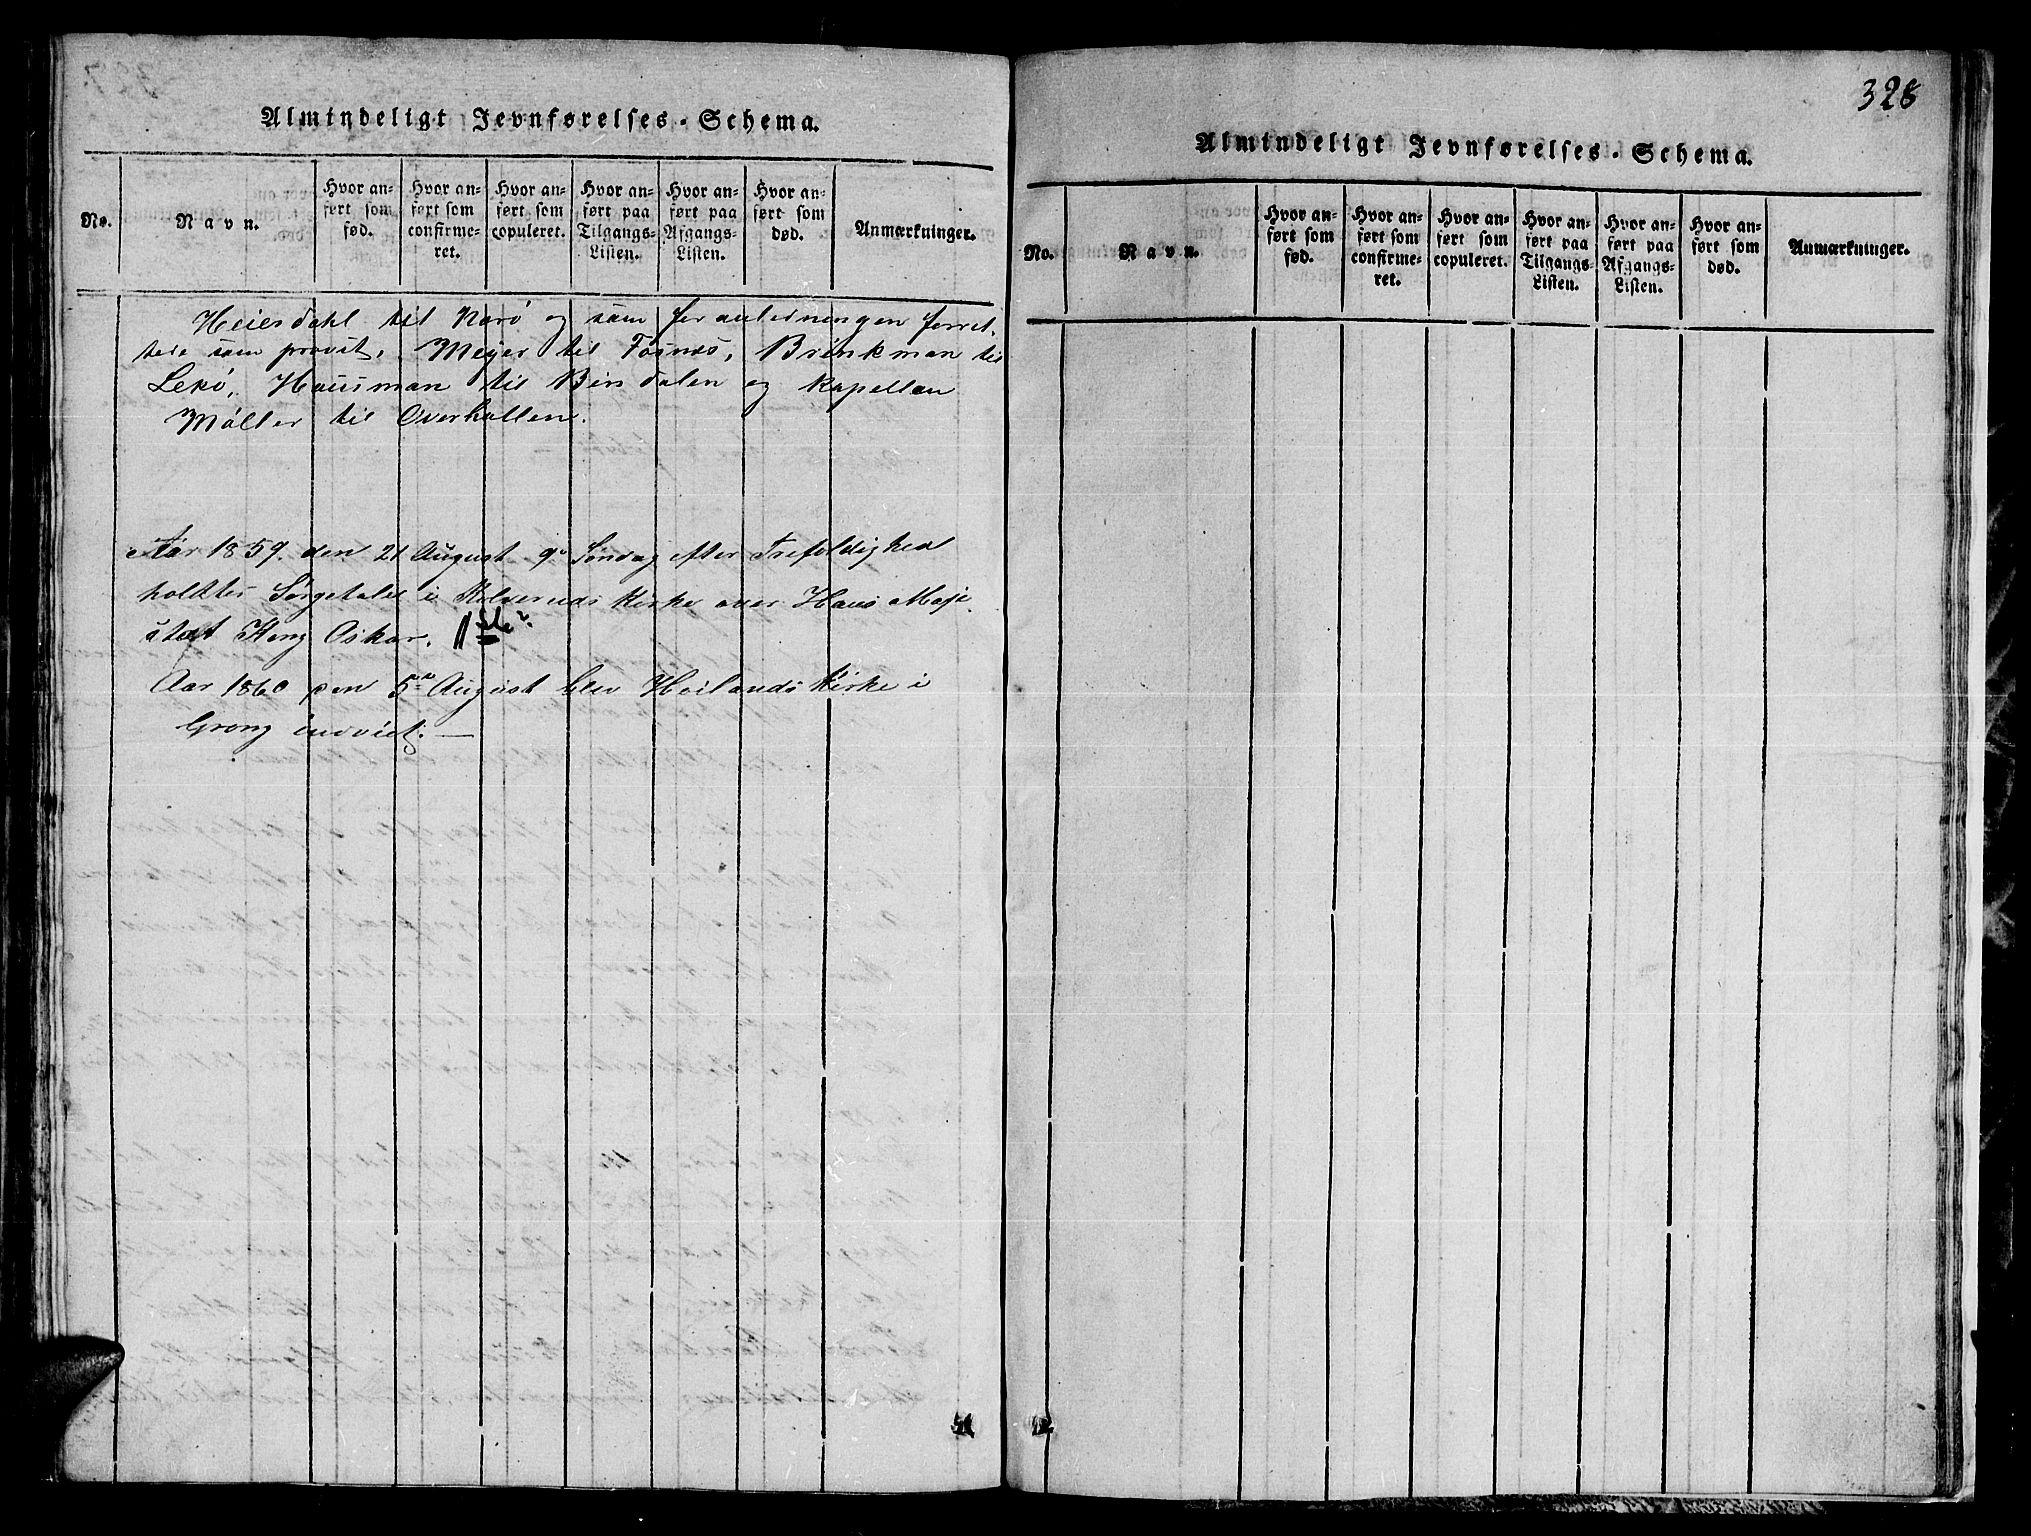 SAT, Ministerialprotokoller, klokkerbøker og fødselsregistre - Nord-Trøndelag, 780/L0648: Klokkerbok nr. 780C01 /1, 1815-1870, s. 328